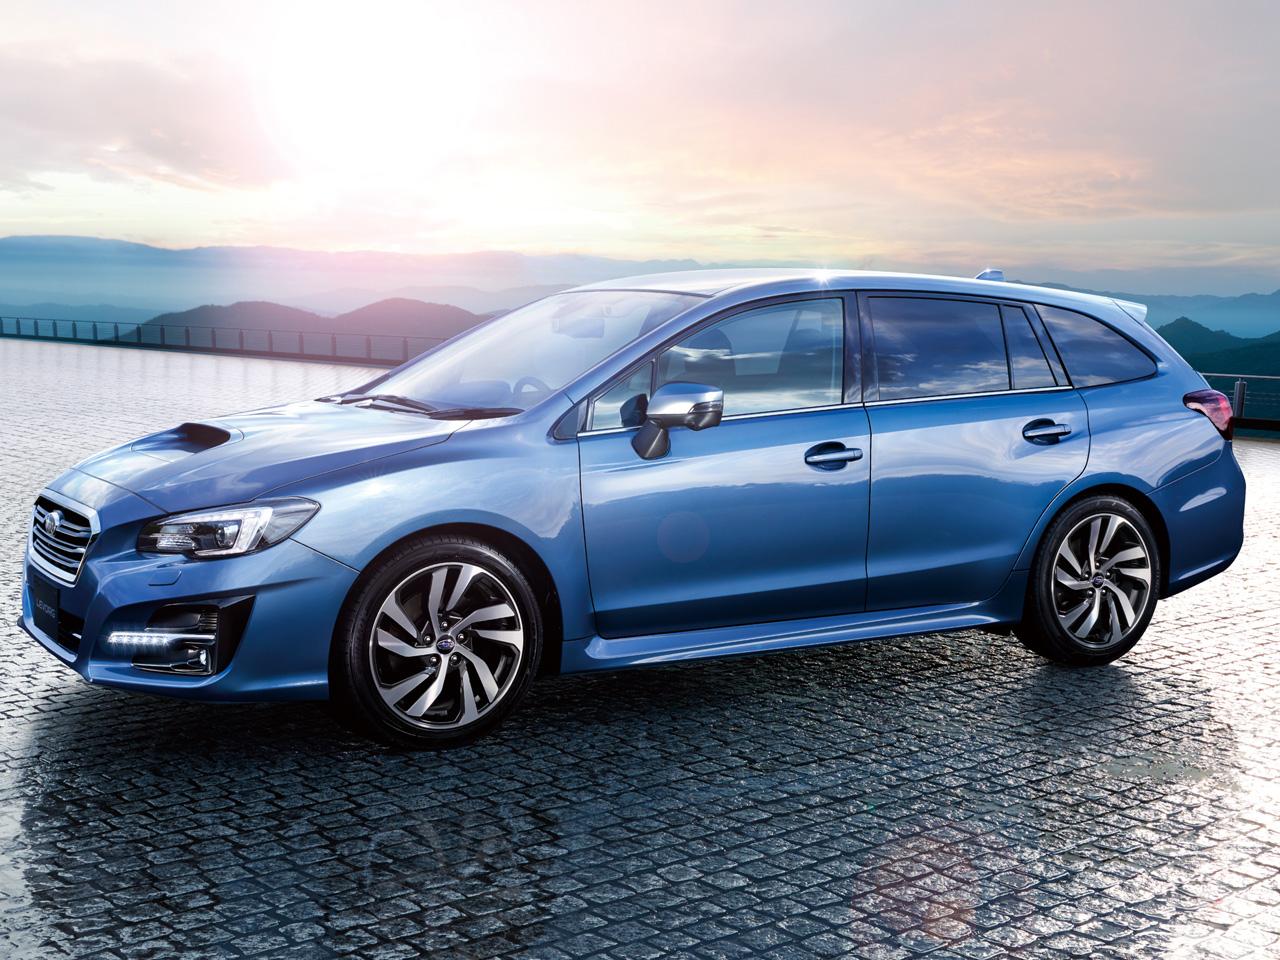 スバル レヴォーグ 2014年モデル 新車画像